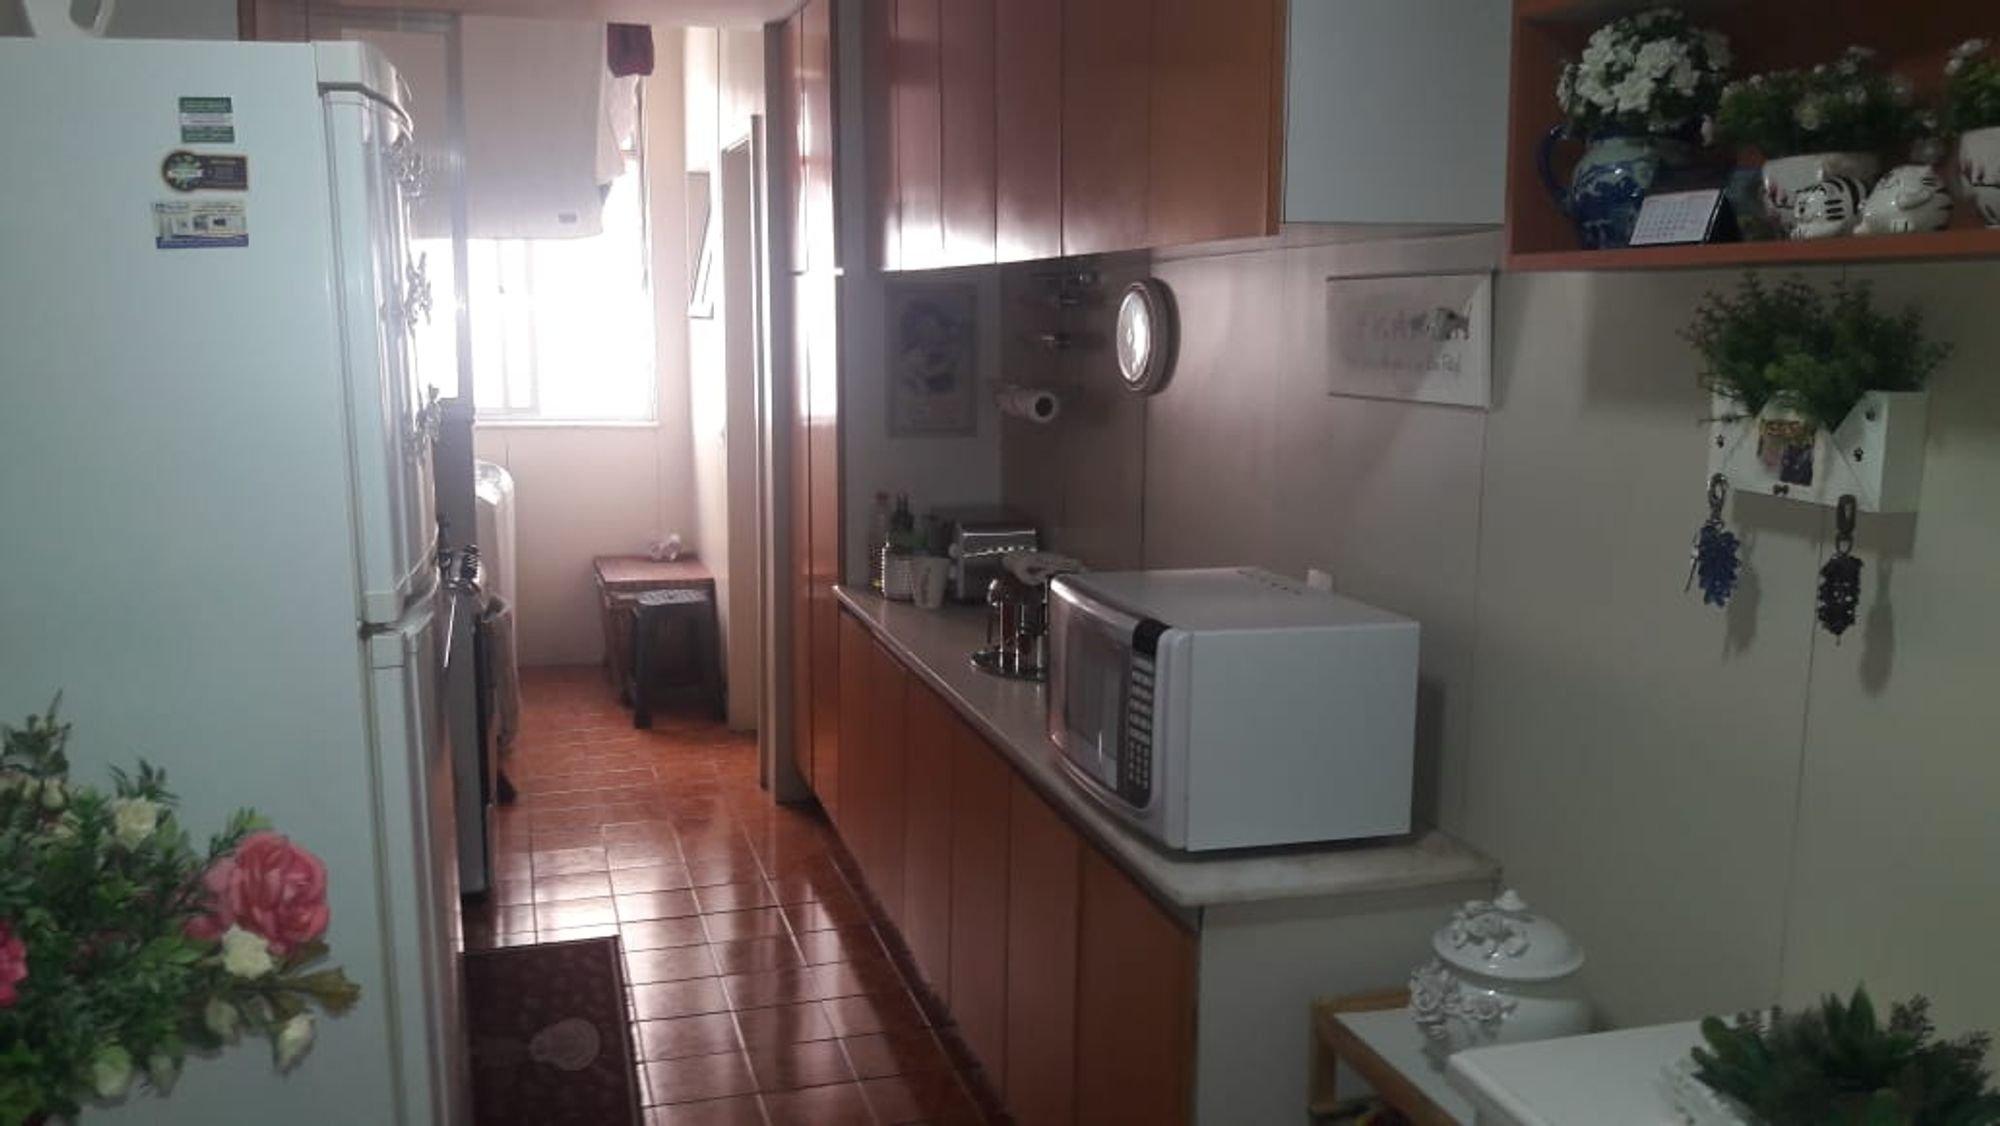 Foto de Cozinha com vaso de planta, geladeira, microondas